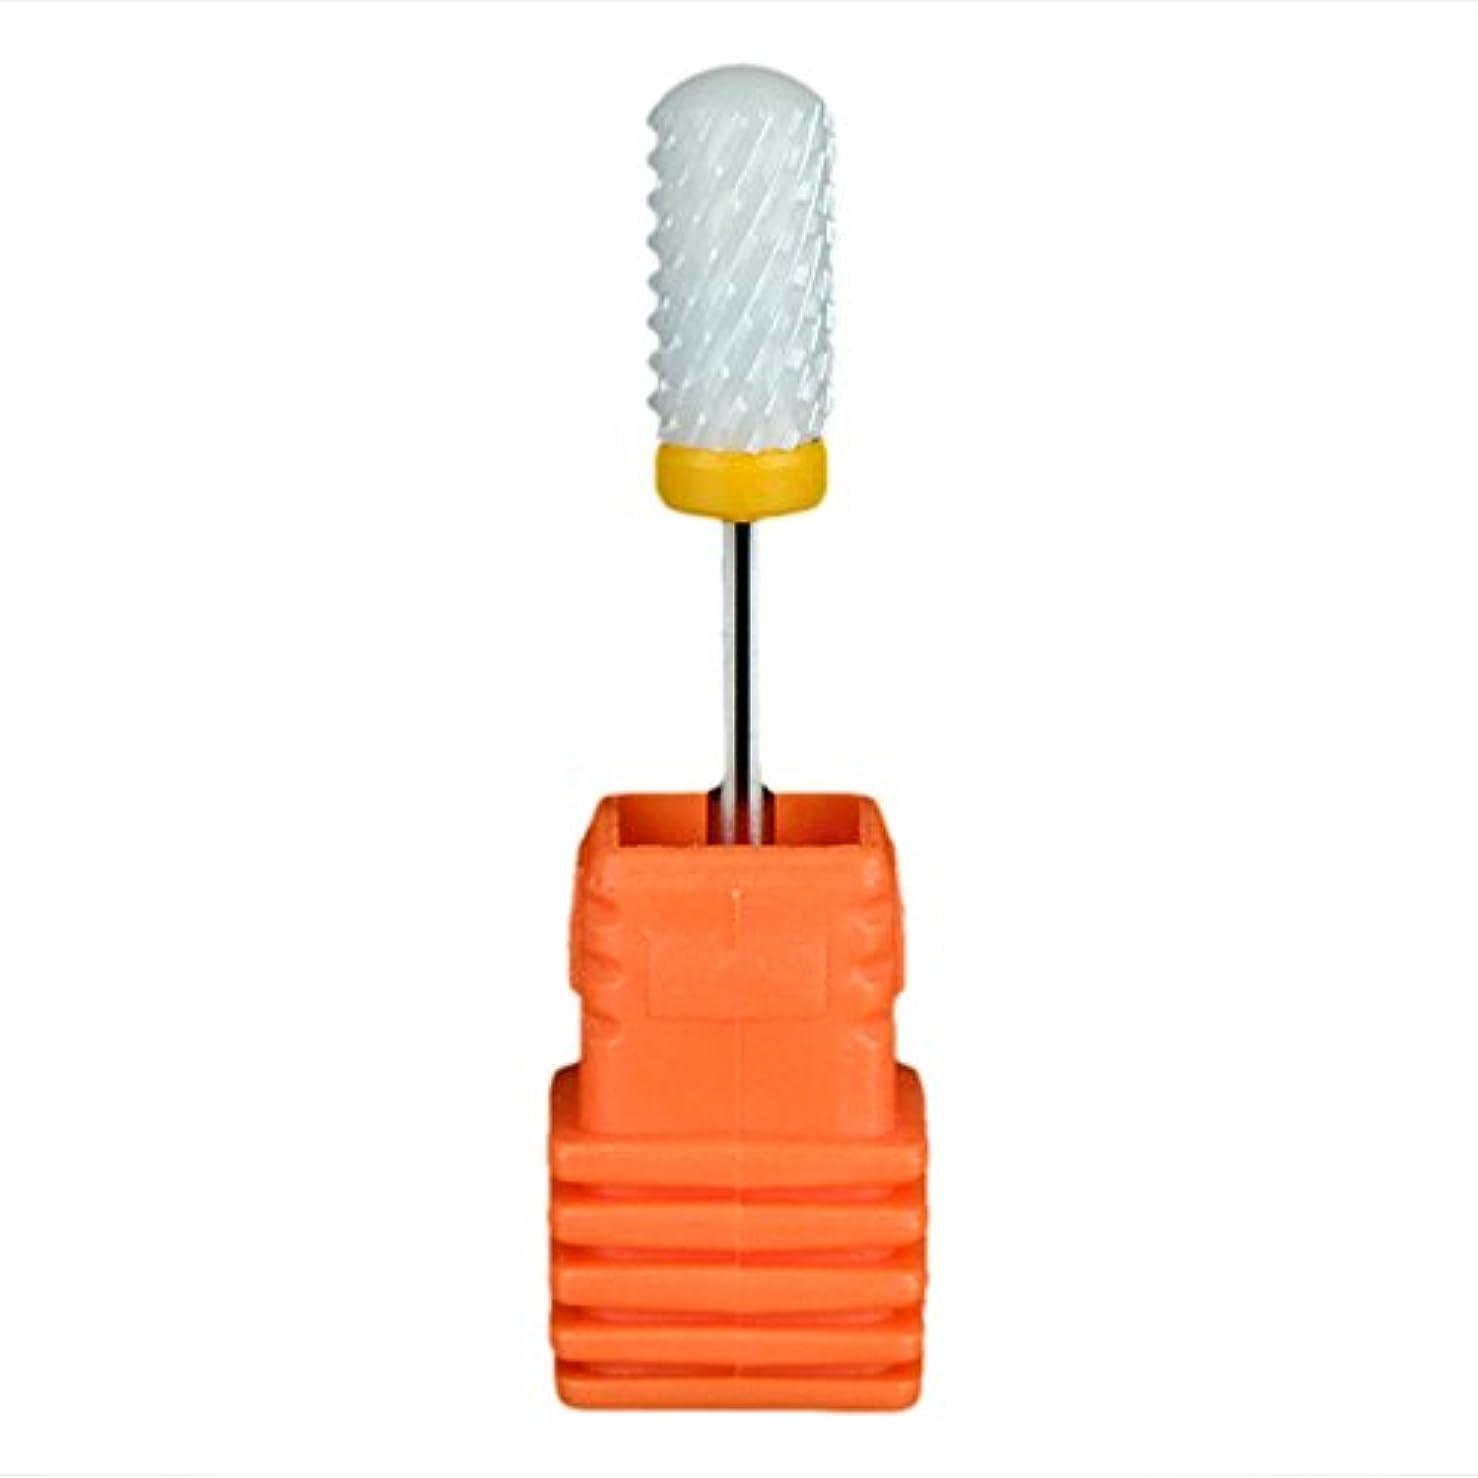 ラフ追う可塑性SODIAL ネイルセラミックドリルビット 回転ジェルネイルサロンツール 3/32インチのマニキュア ホワイト+オレンジ色